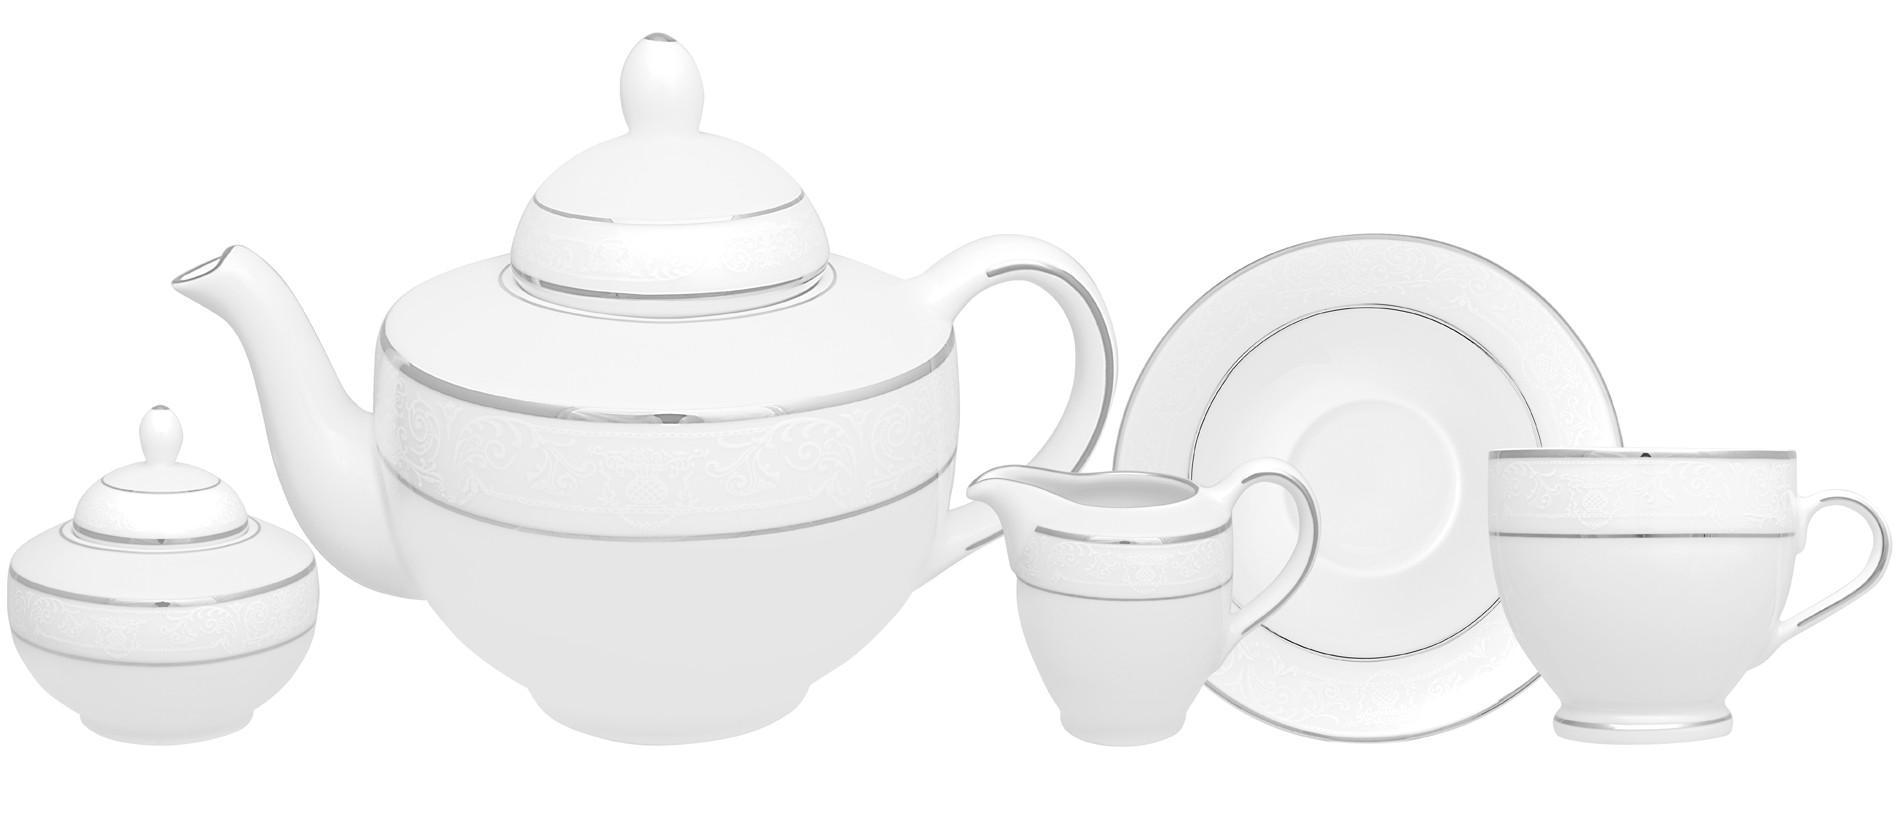 Σετ Τσαγιού Dantelle 9 Τμχ. Ionia home   ειδη cafe τσαϊ   κούπες   φλυτζάνια